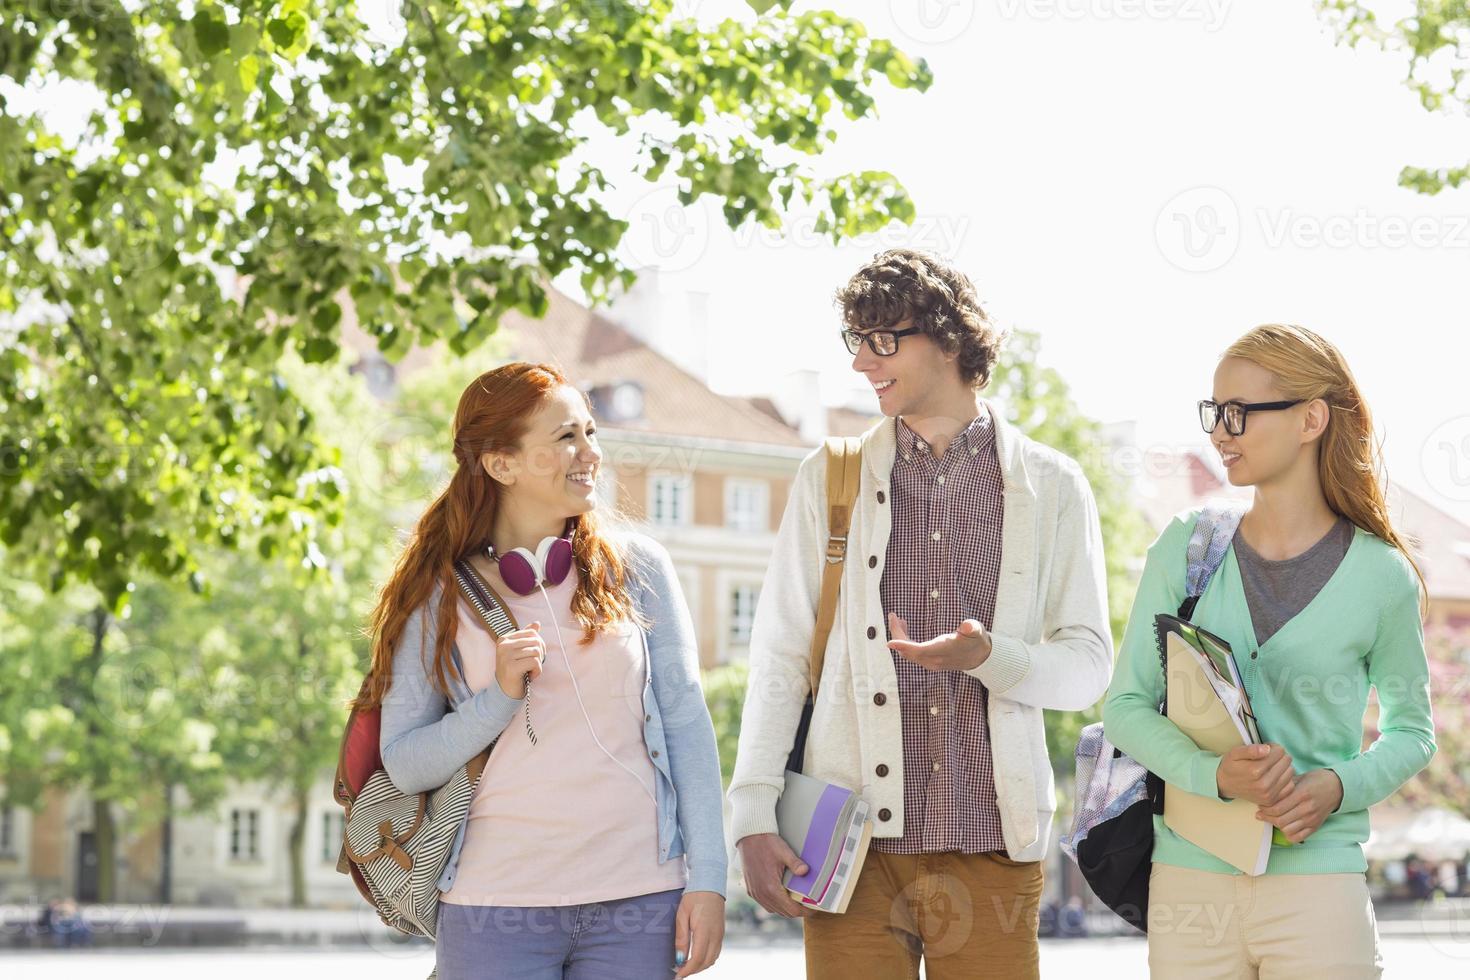 giovani studenti universitari che parlano mentre si cammina sulla strada foto